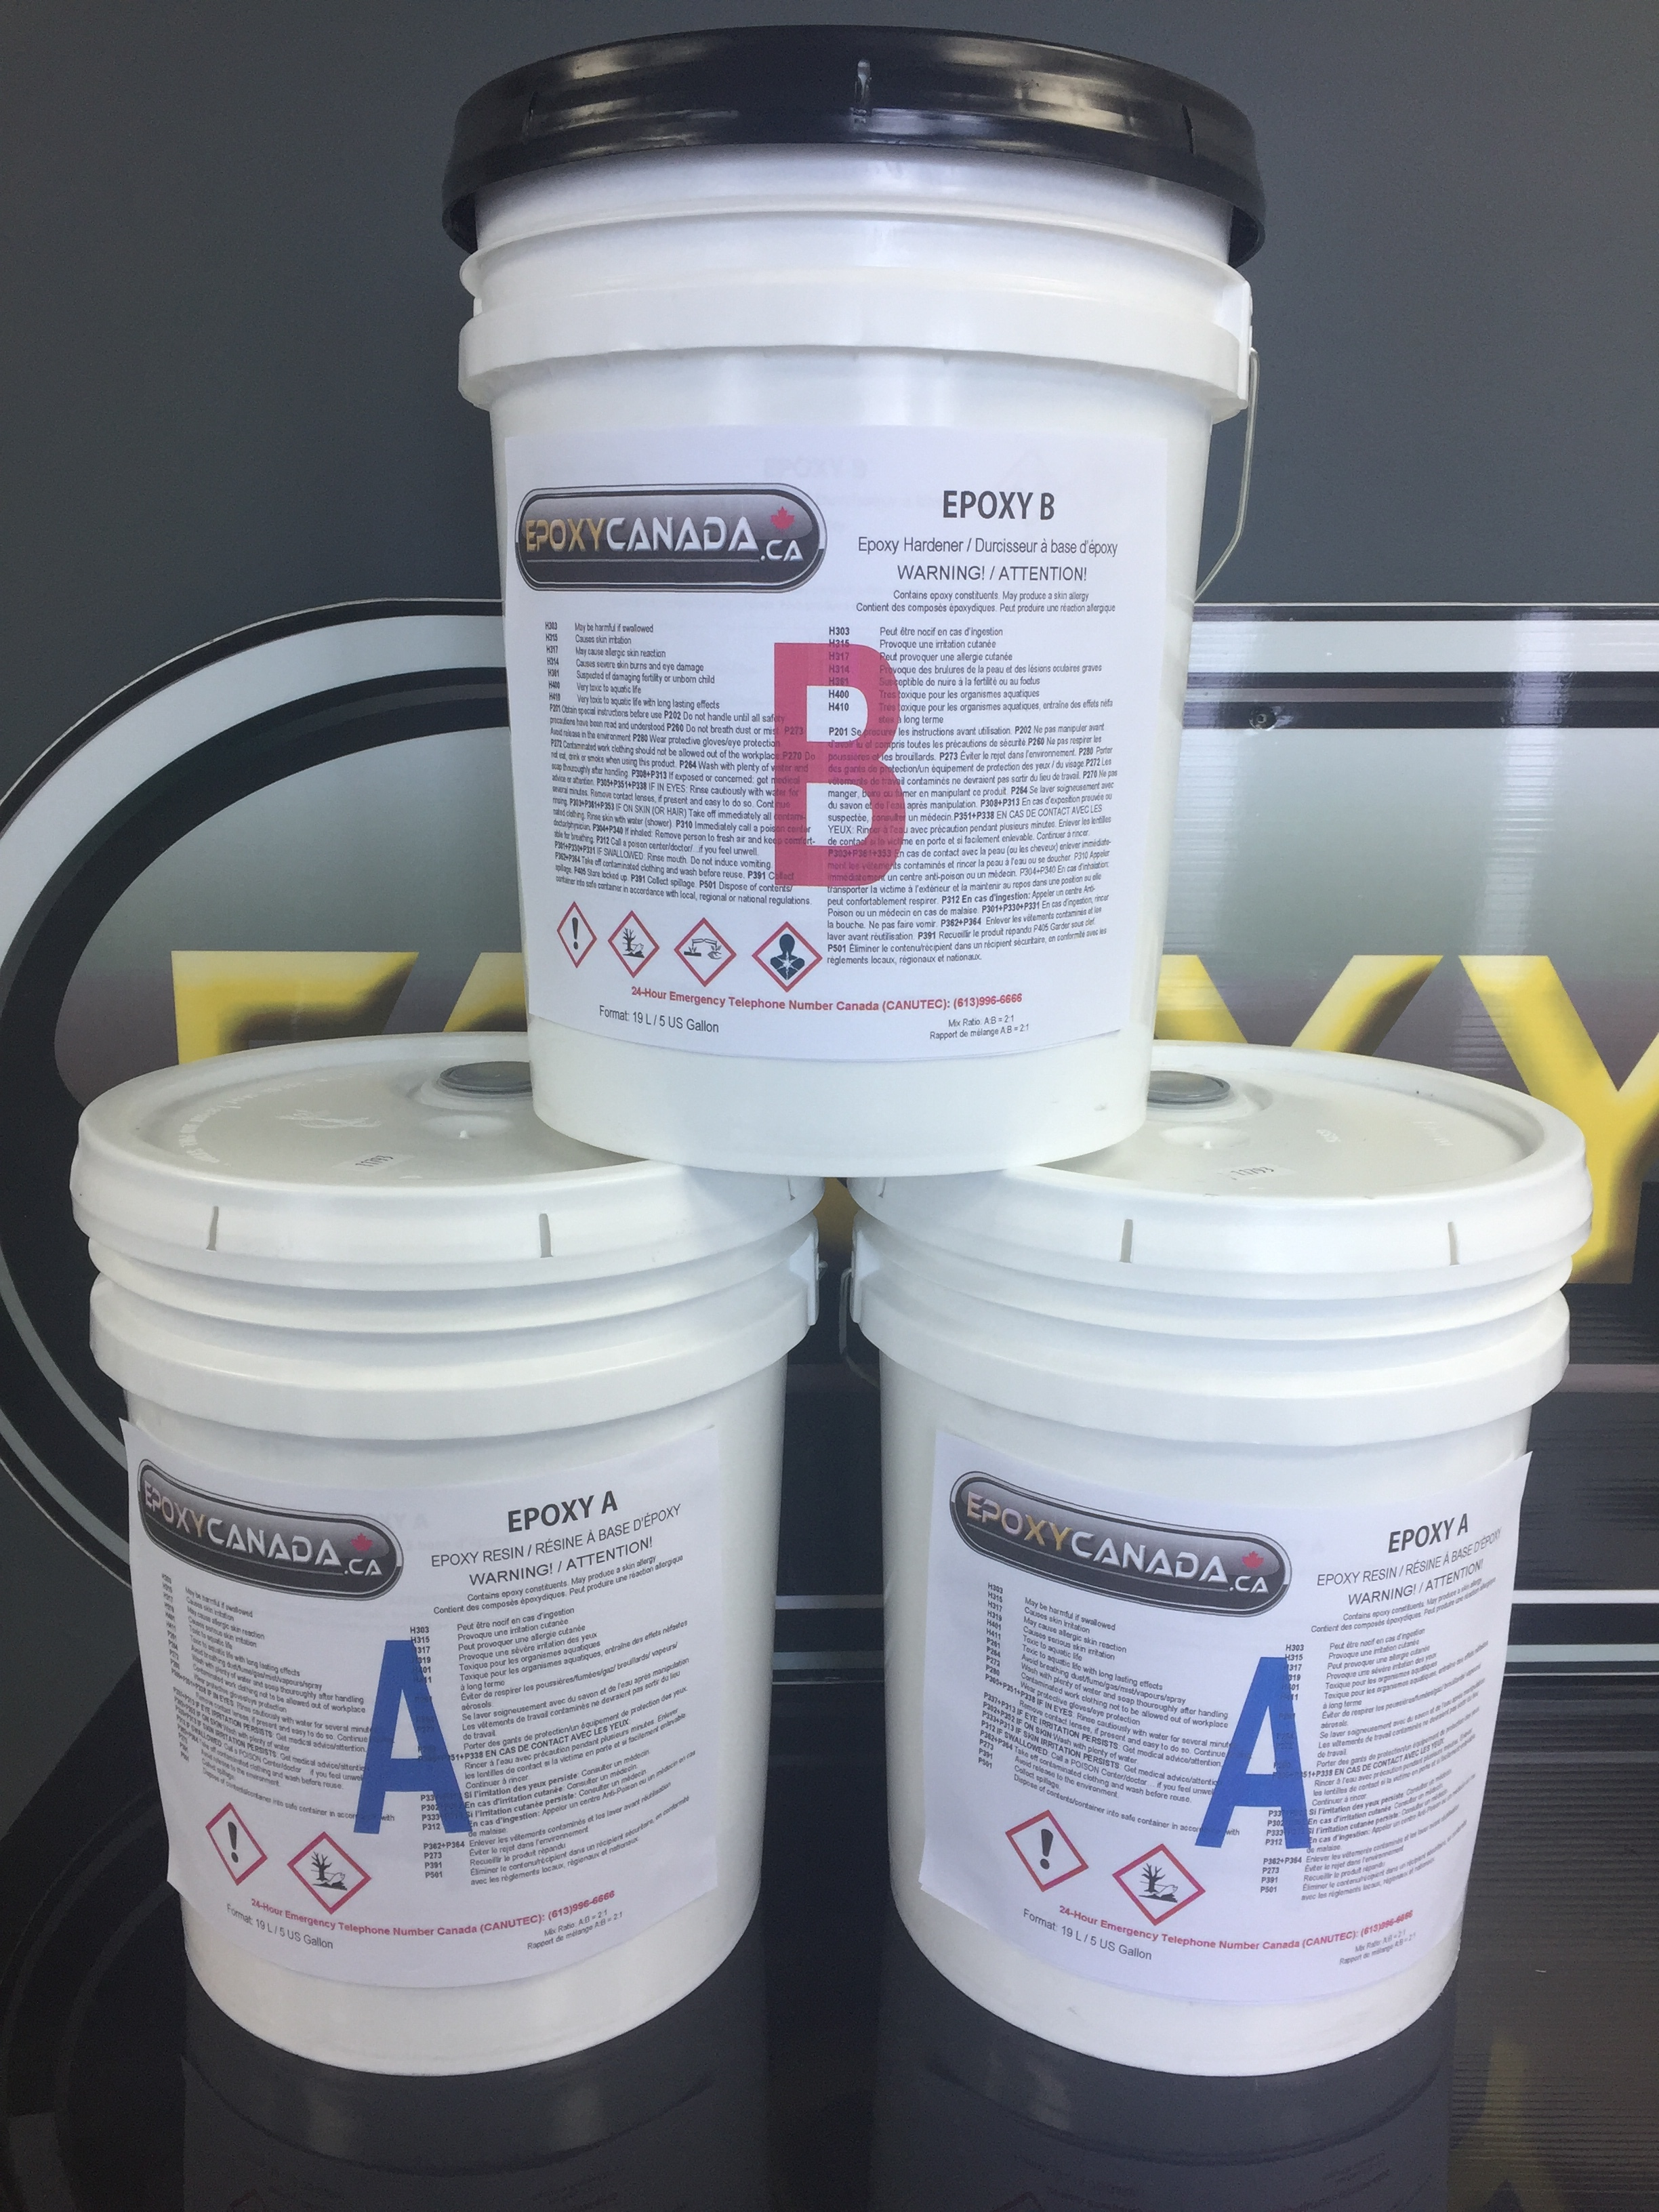 epoxy resin/résine époxydique 15 US GALLONS (56.7L) 00009